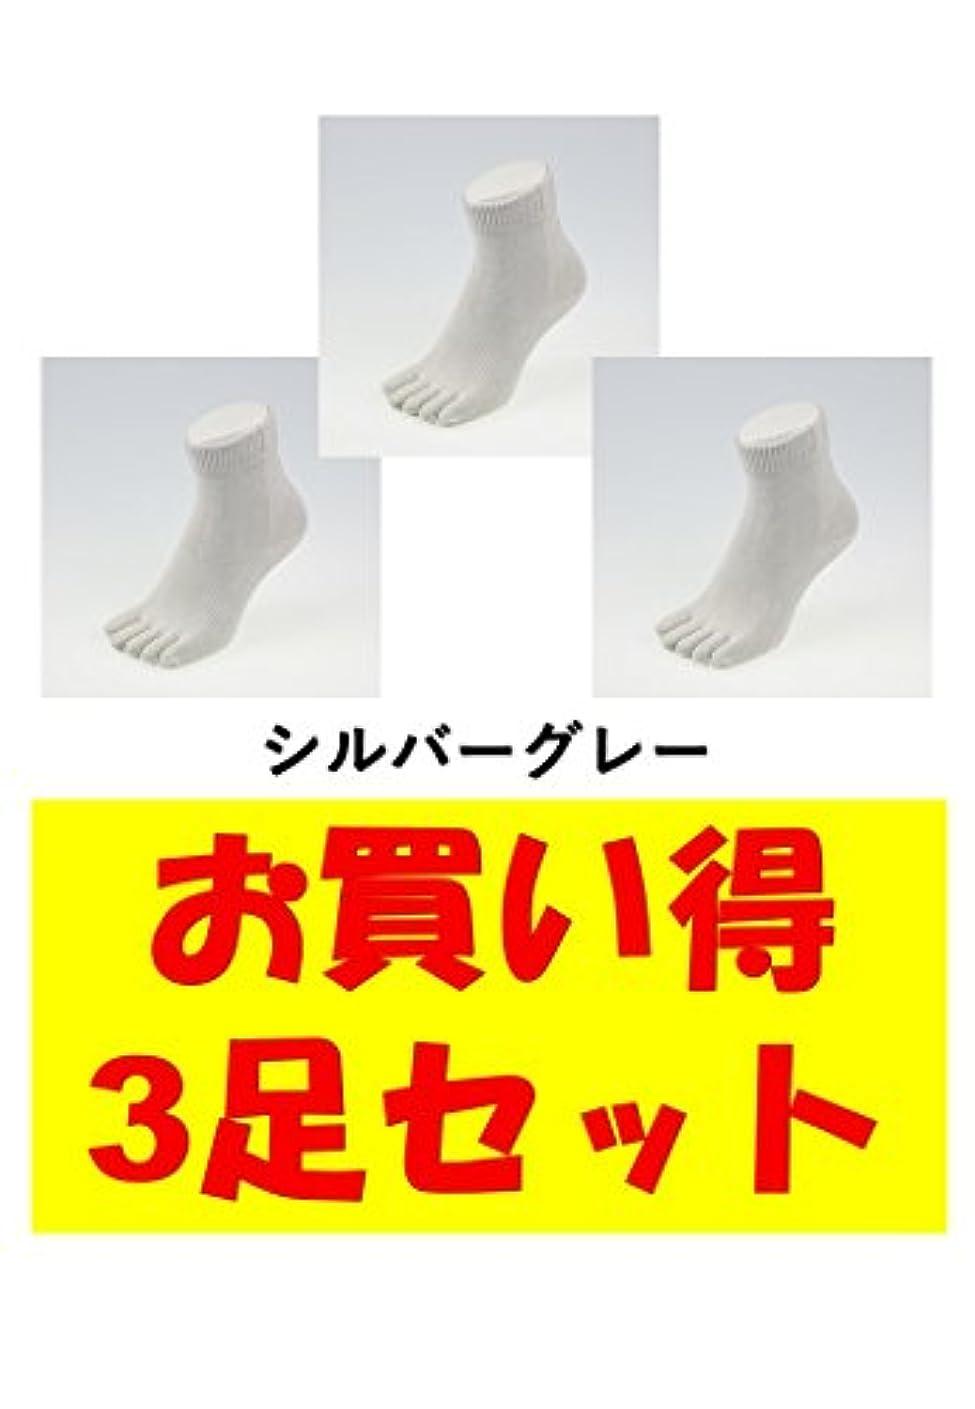 乱用にはまって震えるお買い得3足セット 5本指 ゆびのばソックス Neo EVE(イヴ) シルバーグレー Sサイズ(21.0cm - 24.0cm) YSNEVE-SGL